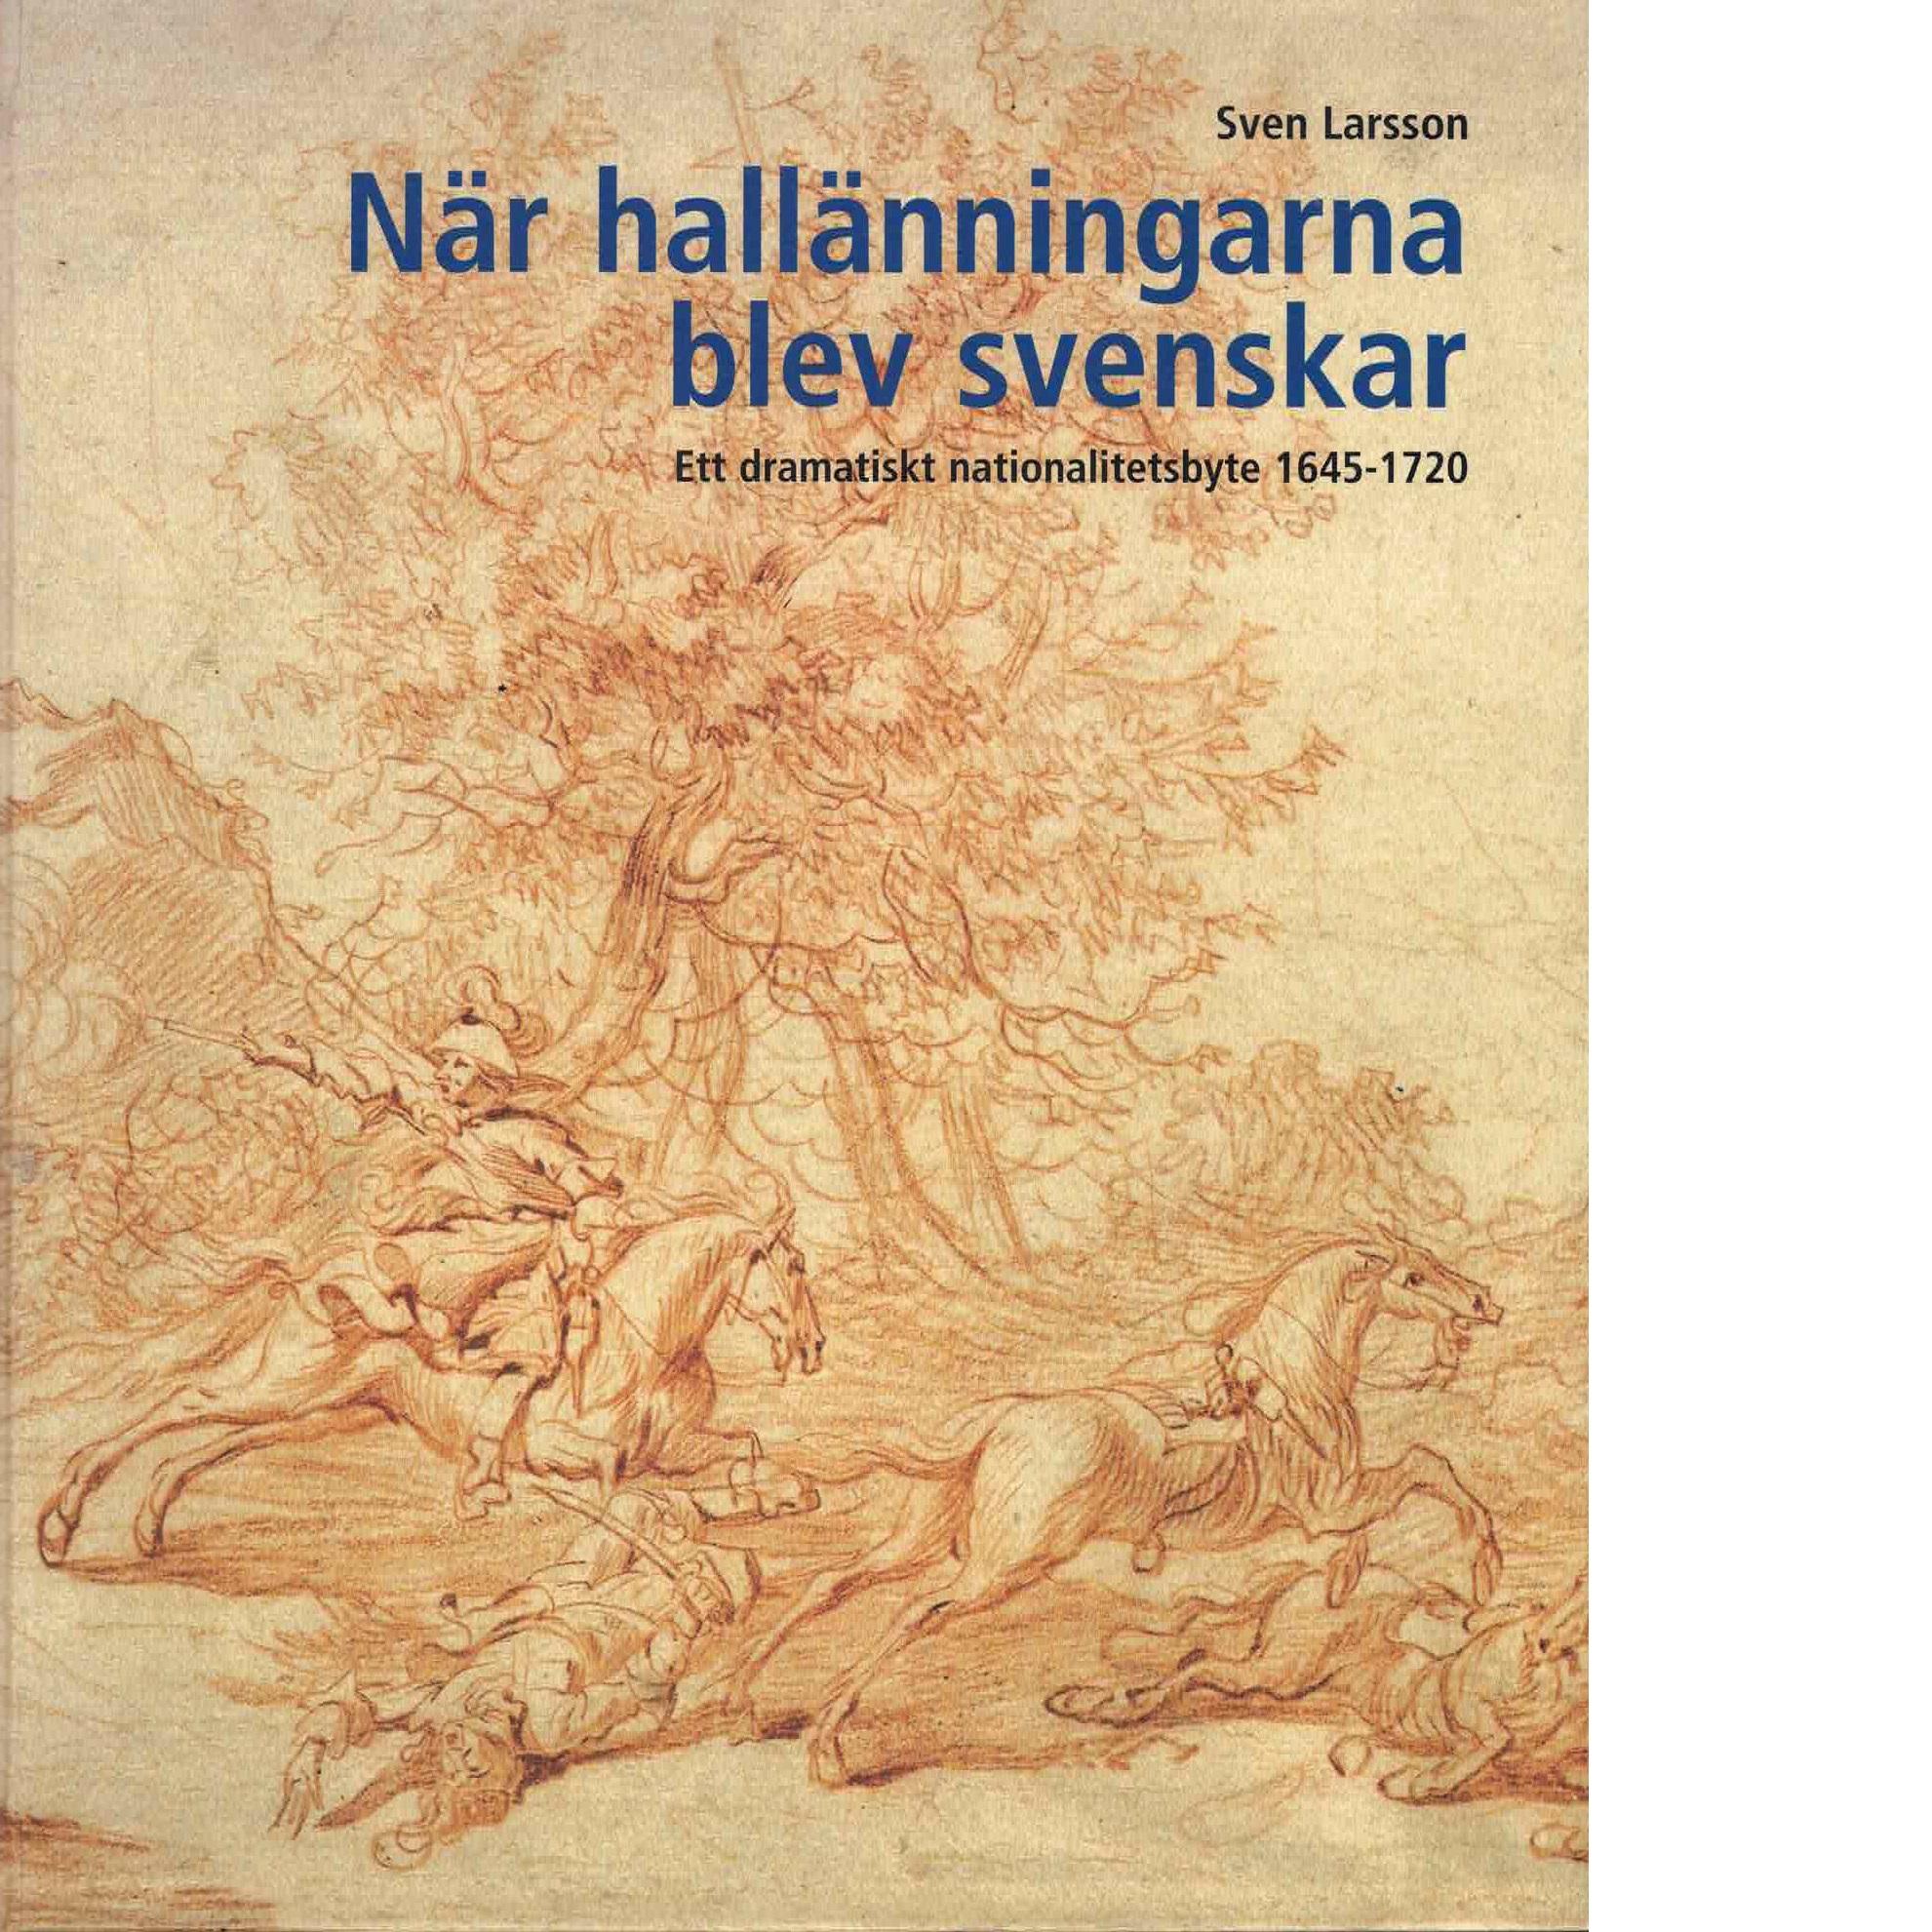 När hallänningarna blev svenskar : ett dramatiskt nationalitetsbyte 1645-1720 - Larsson, Sven